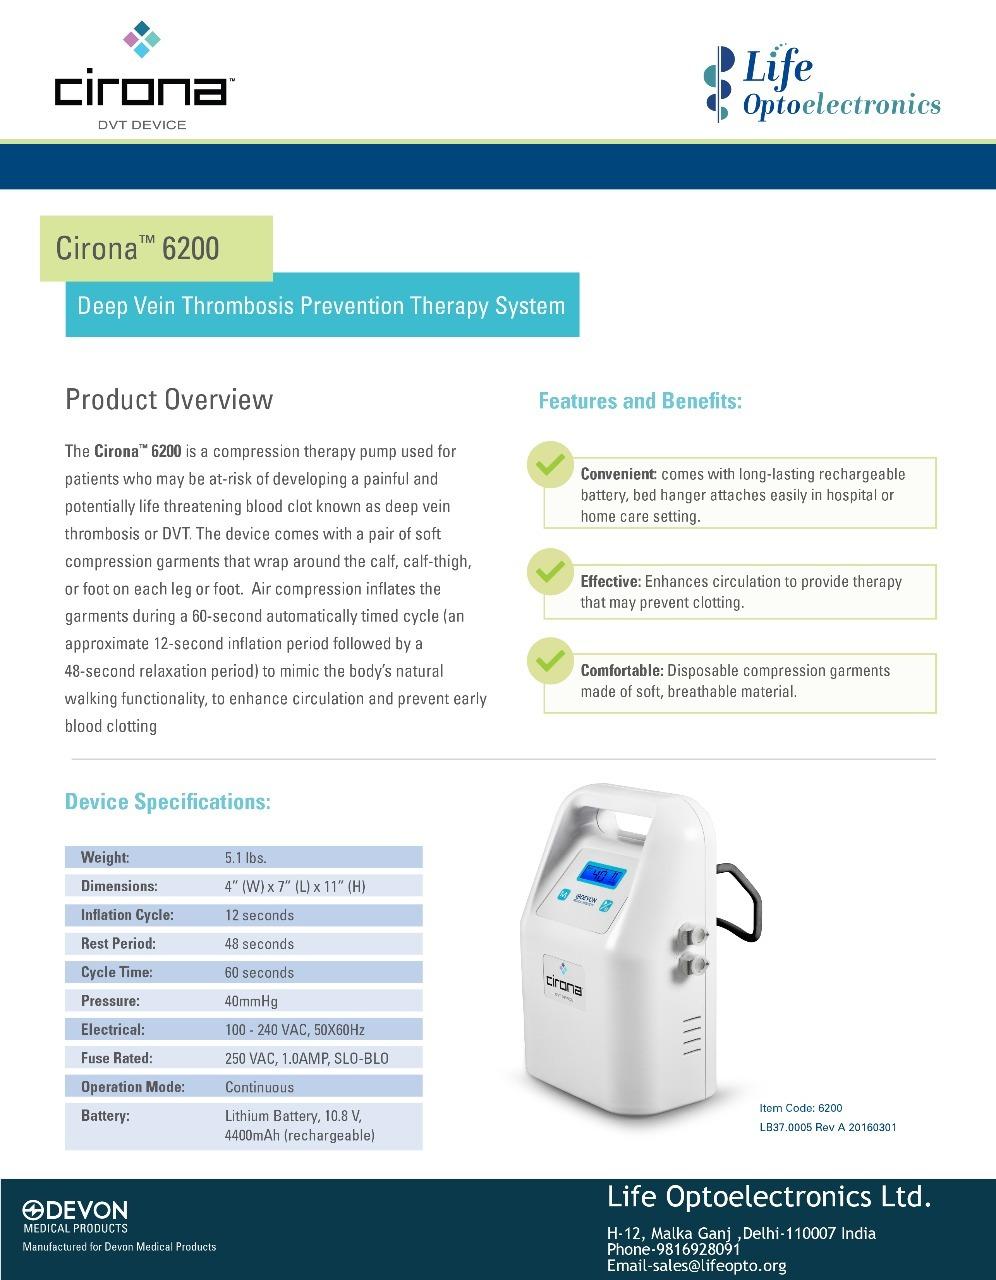 Cirona 6200 - DVT Pump